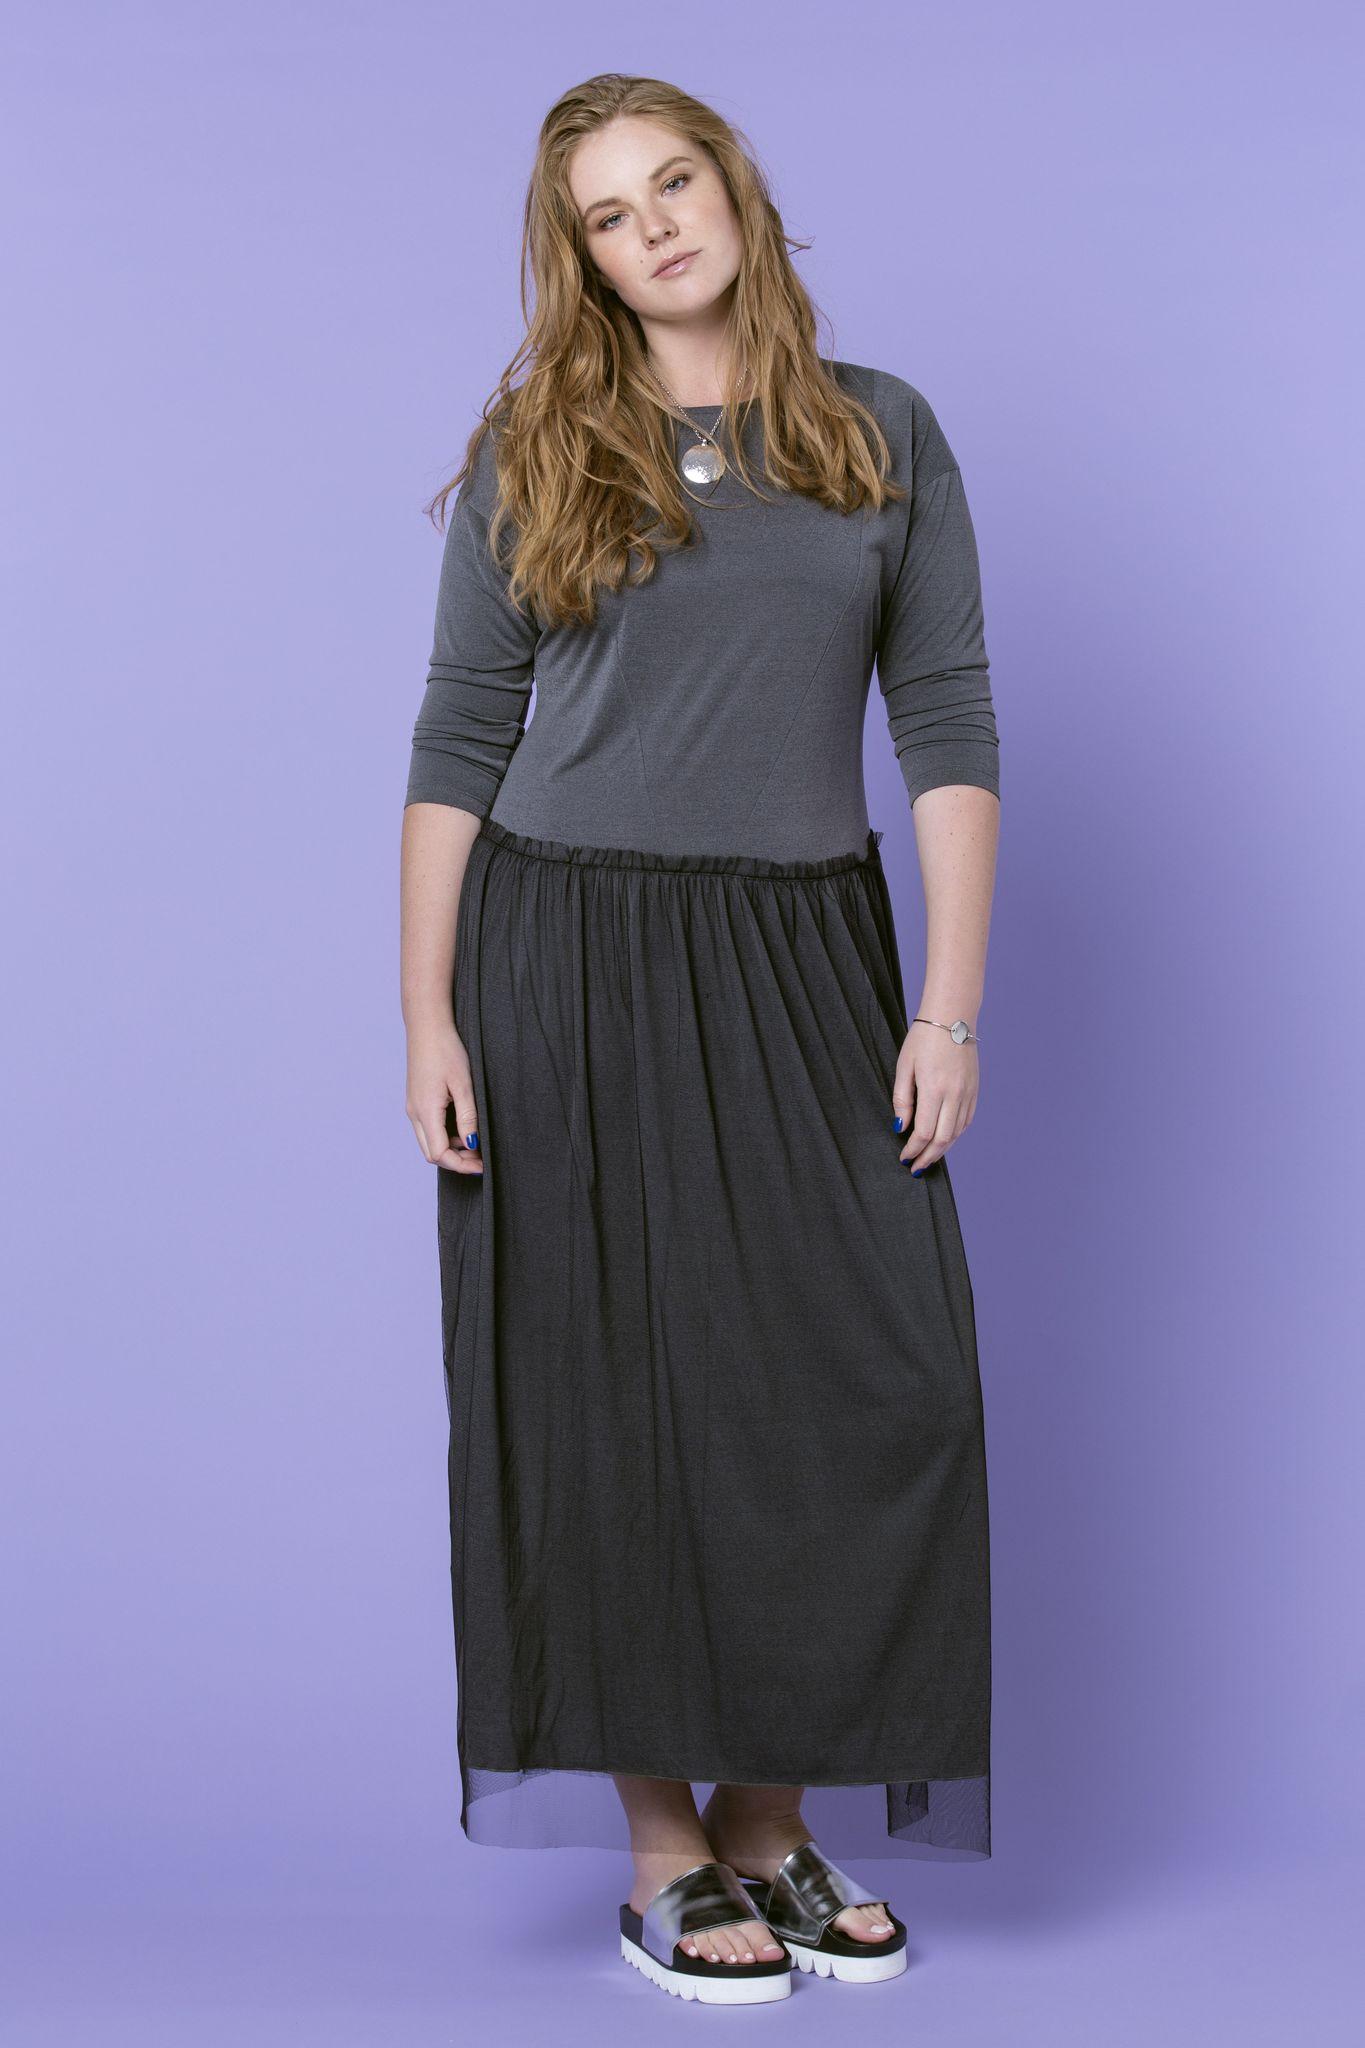 Платье NY D9 DM06Платья<br>Эксклюзивное струящееся платье с накладкой из легкого фатина. Прекрасно подойдет для создания праздничного образа.<br>